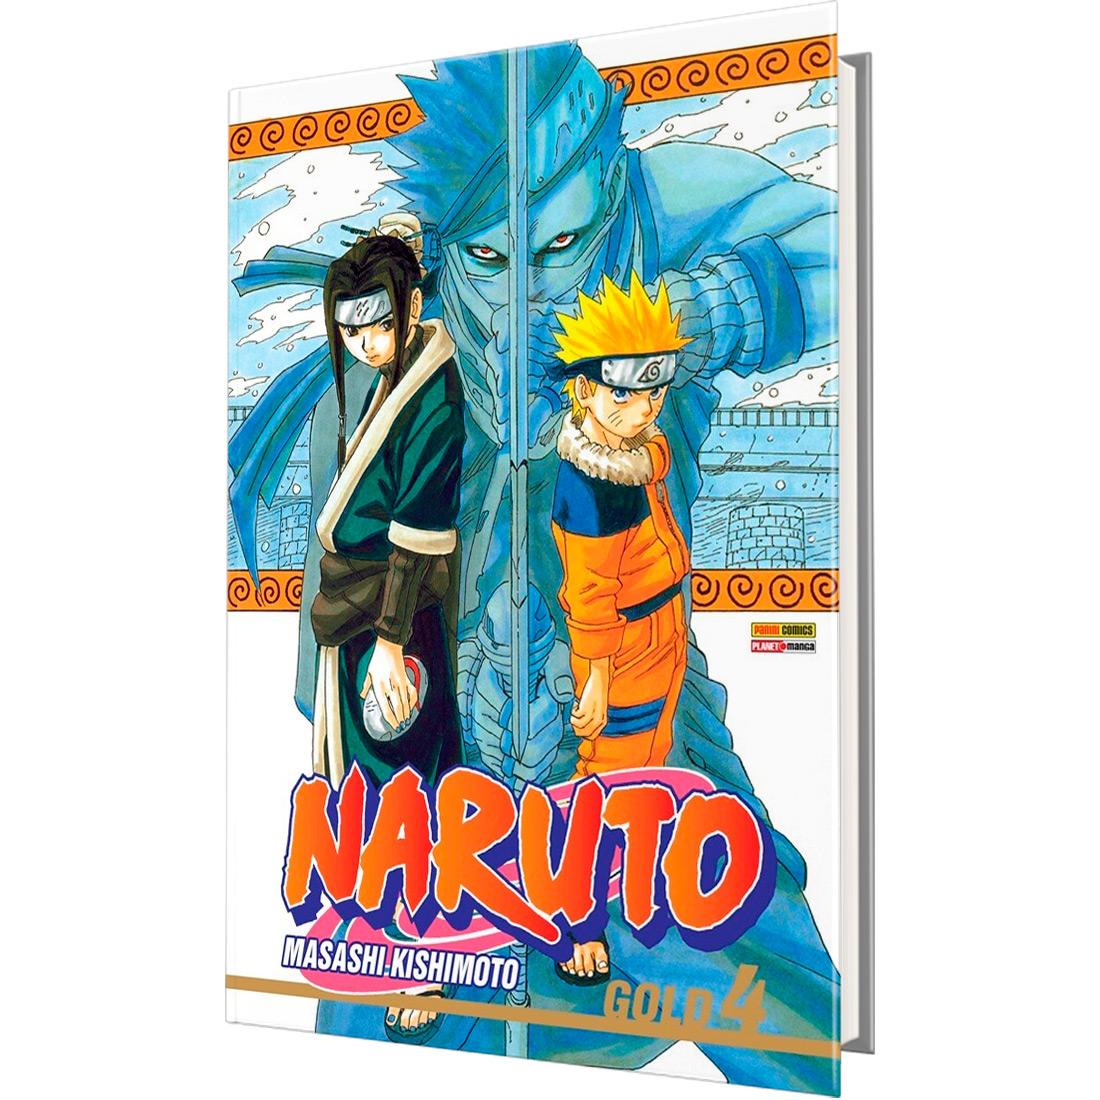 Naruto Gold Vol. 4